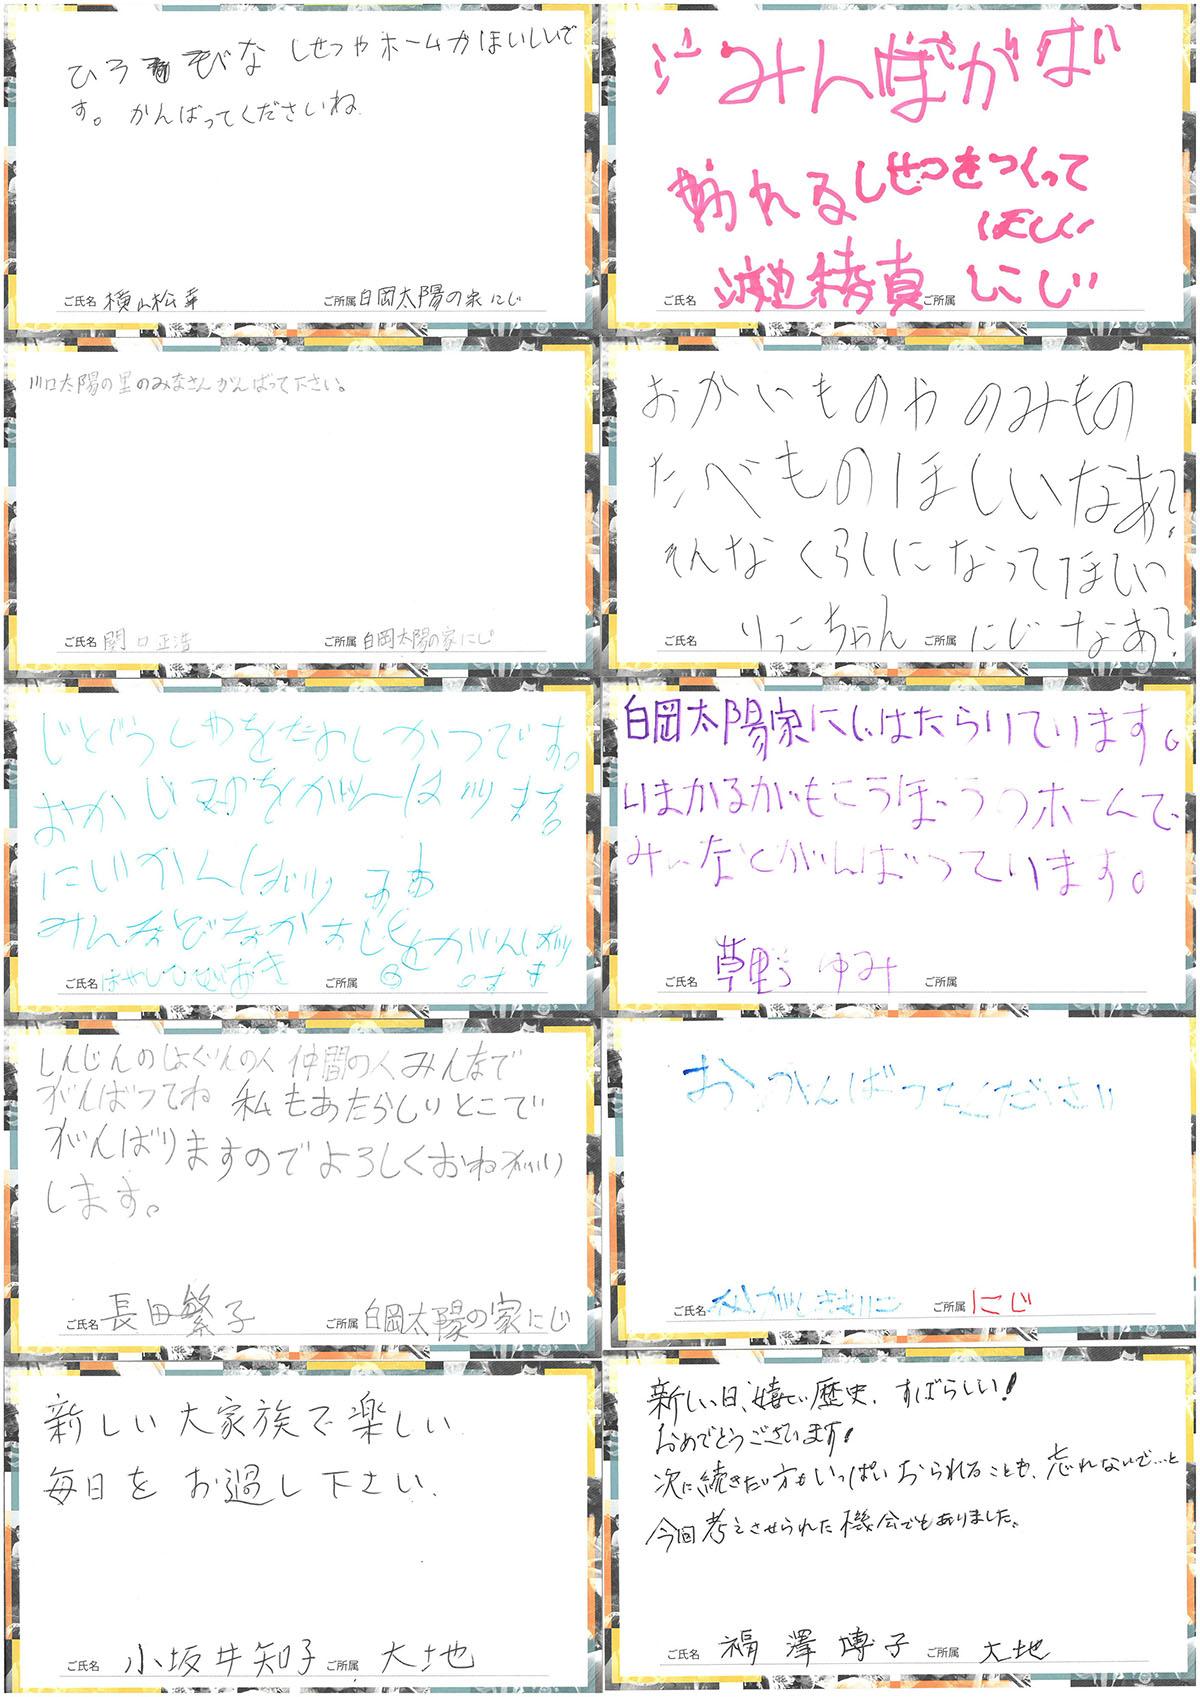 メッセージ8